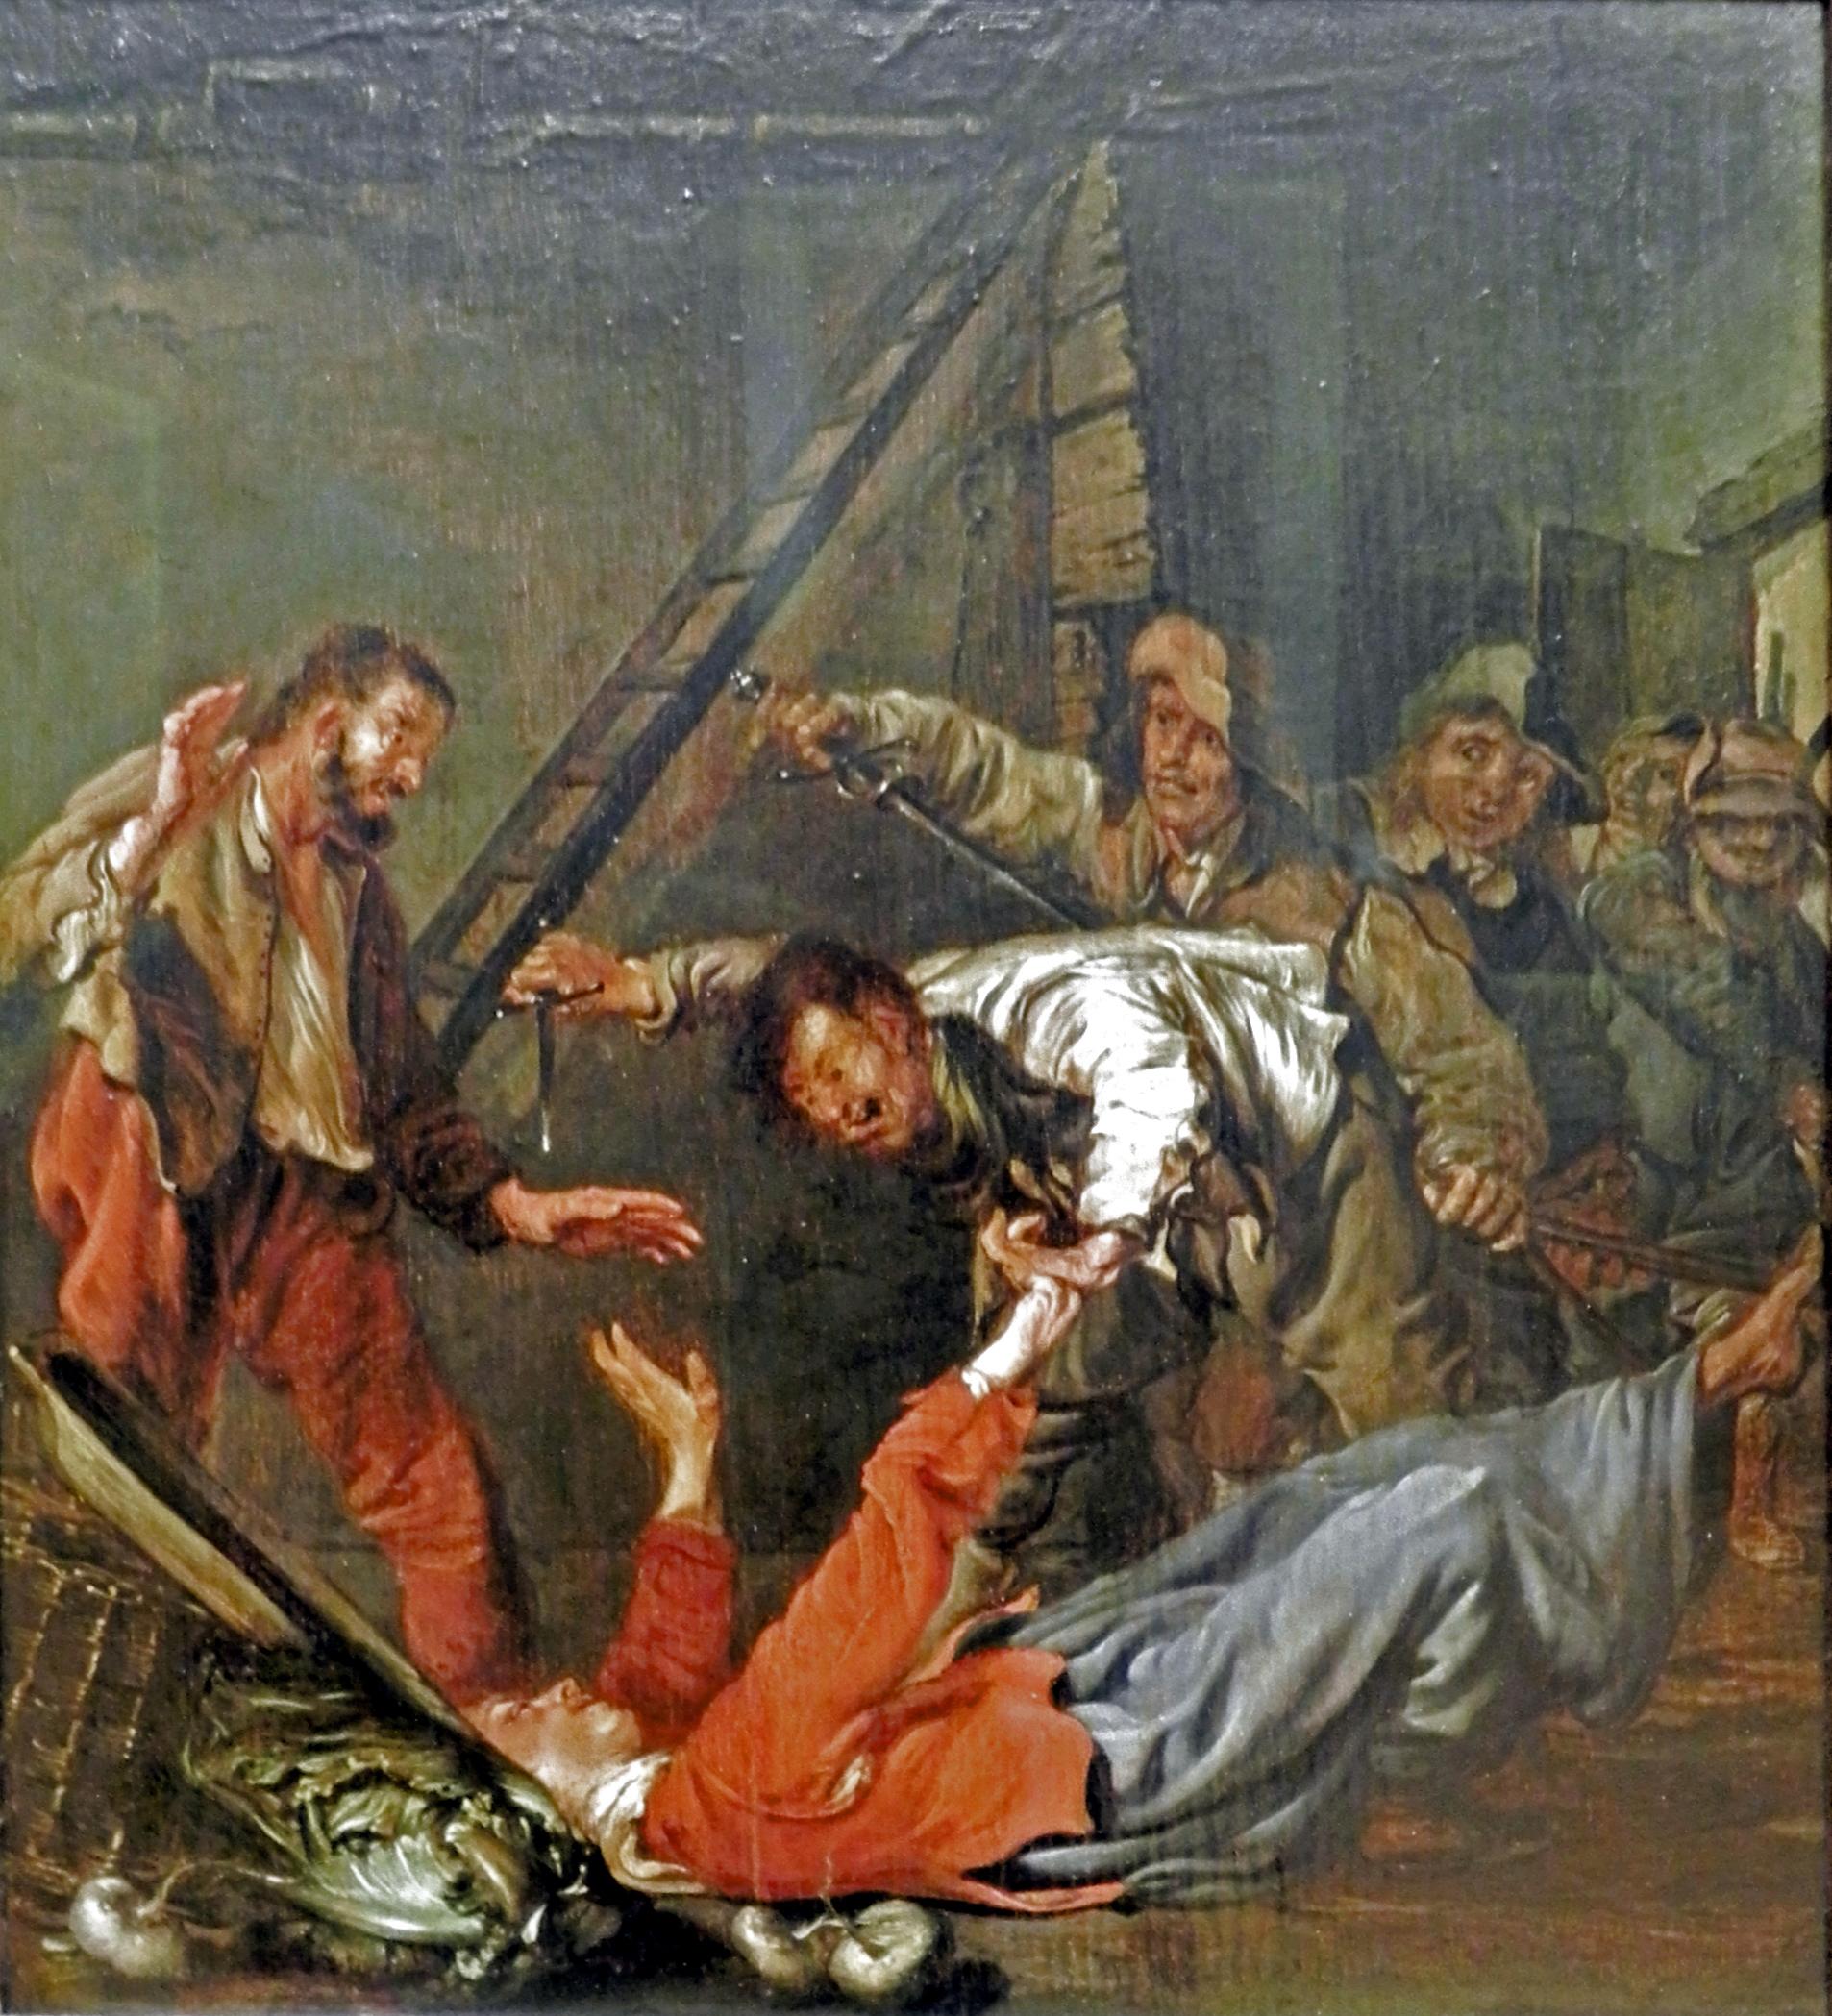 Pieter Codde, Überfall, Quelle: WikiCommons, Details siehe Artikel unten